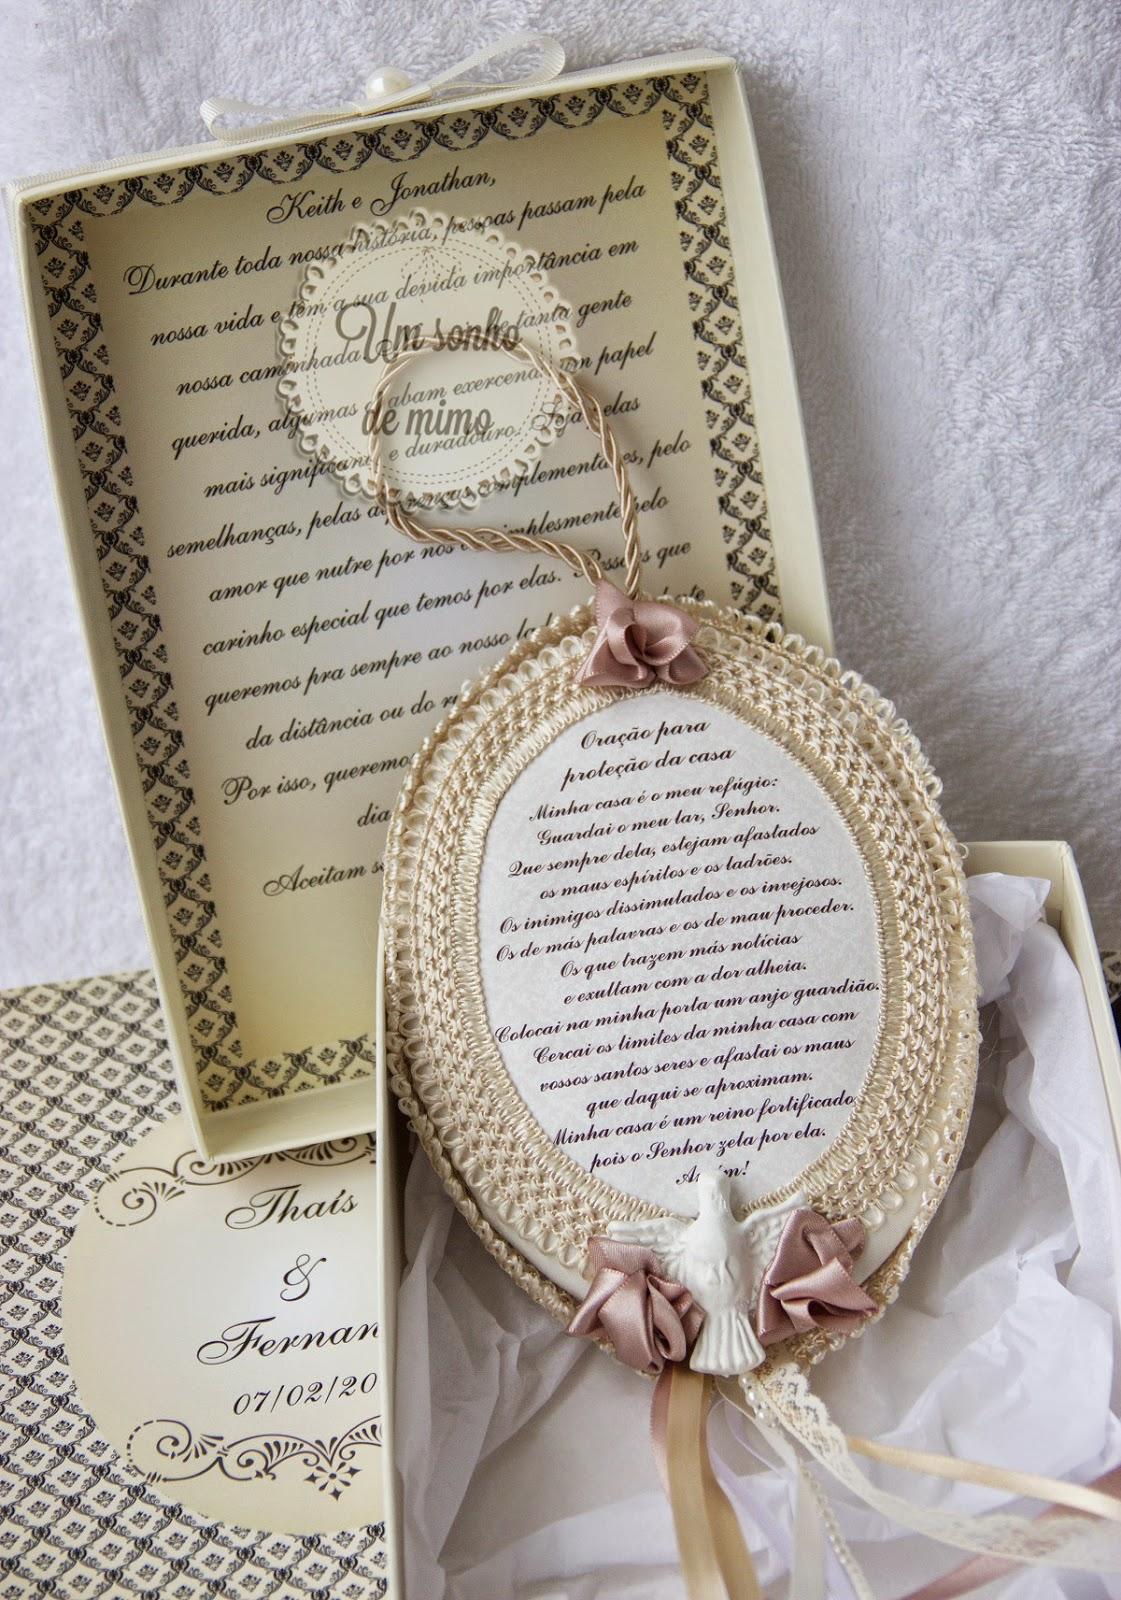 Presente padrinhos, convite padrinhos casamento, lembrancinha casamento, casando em bh, bh casamentos, caixa personalizada, divino espirito santo